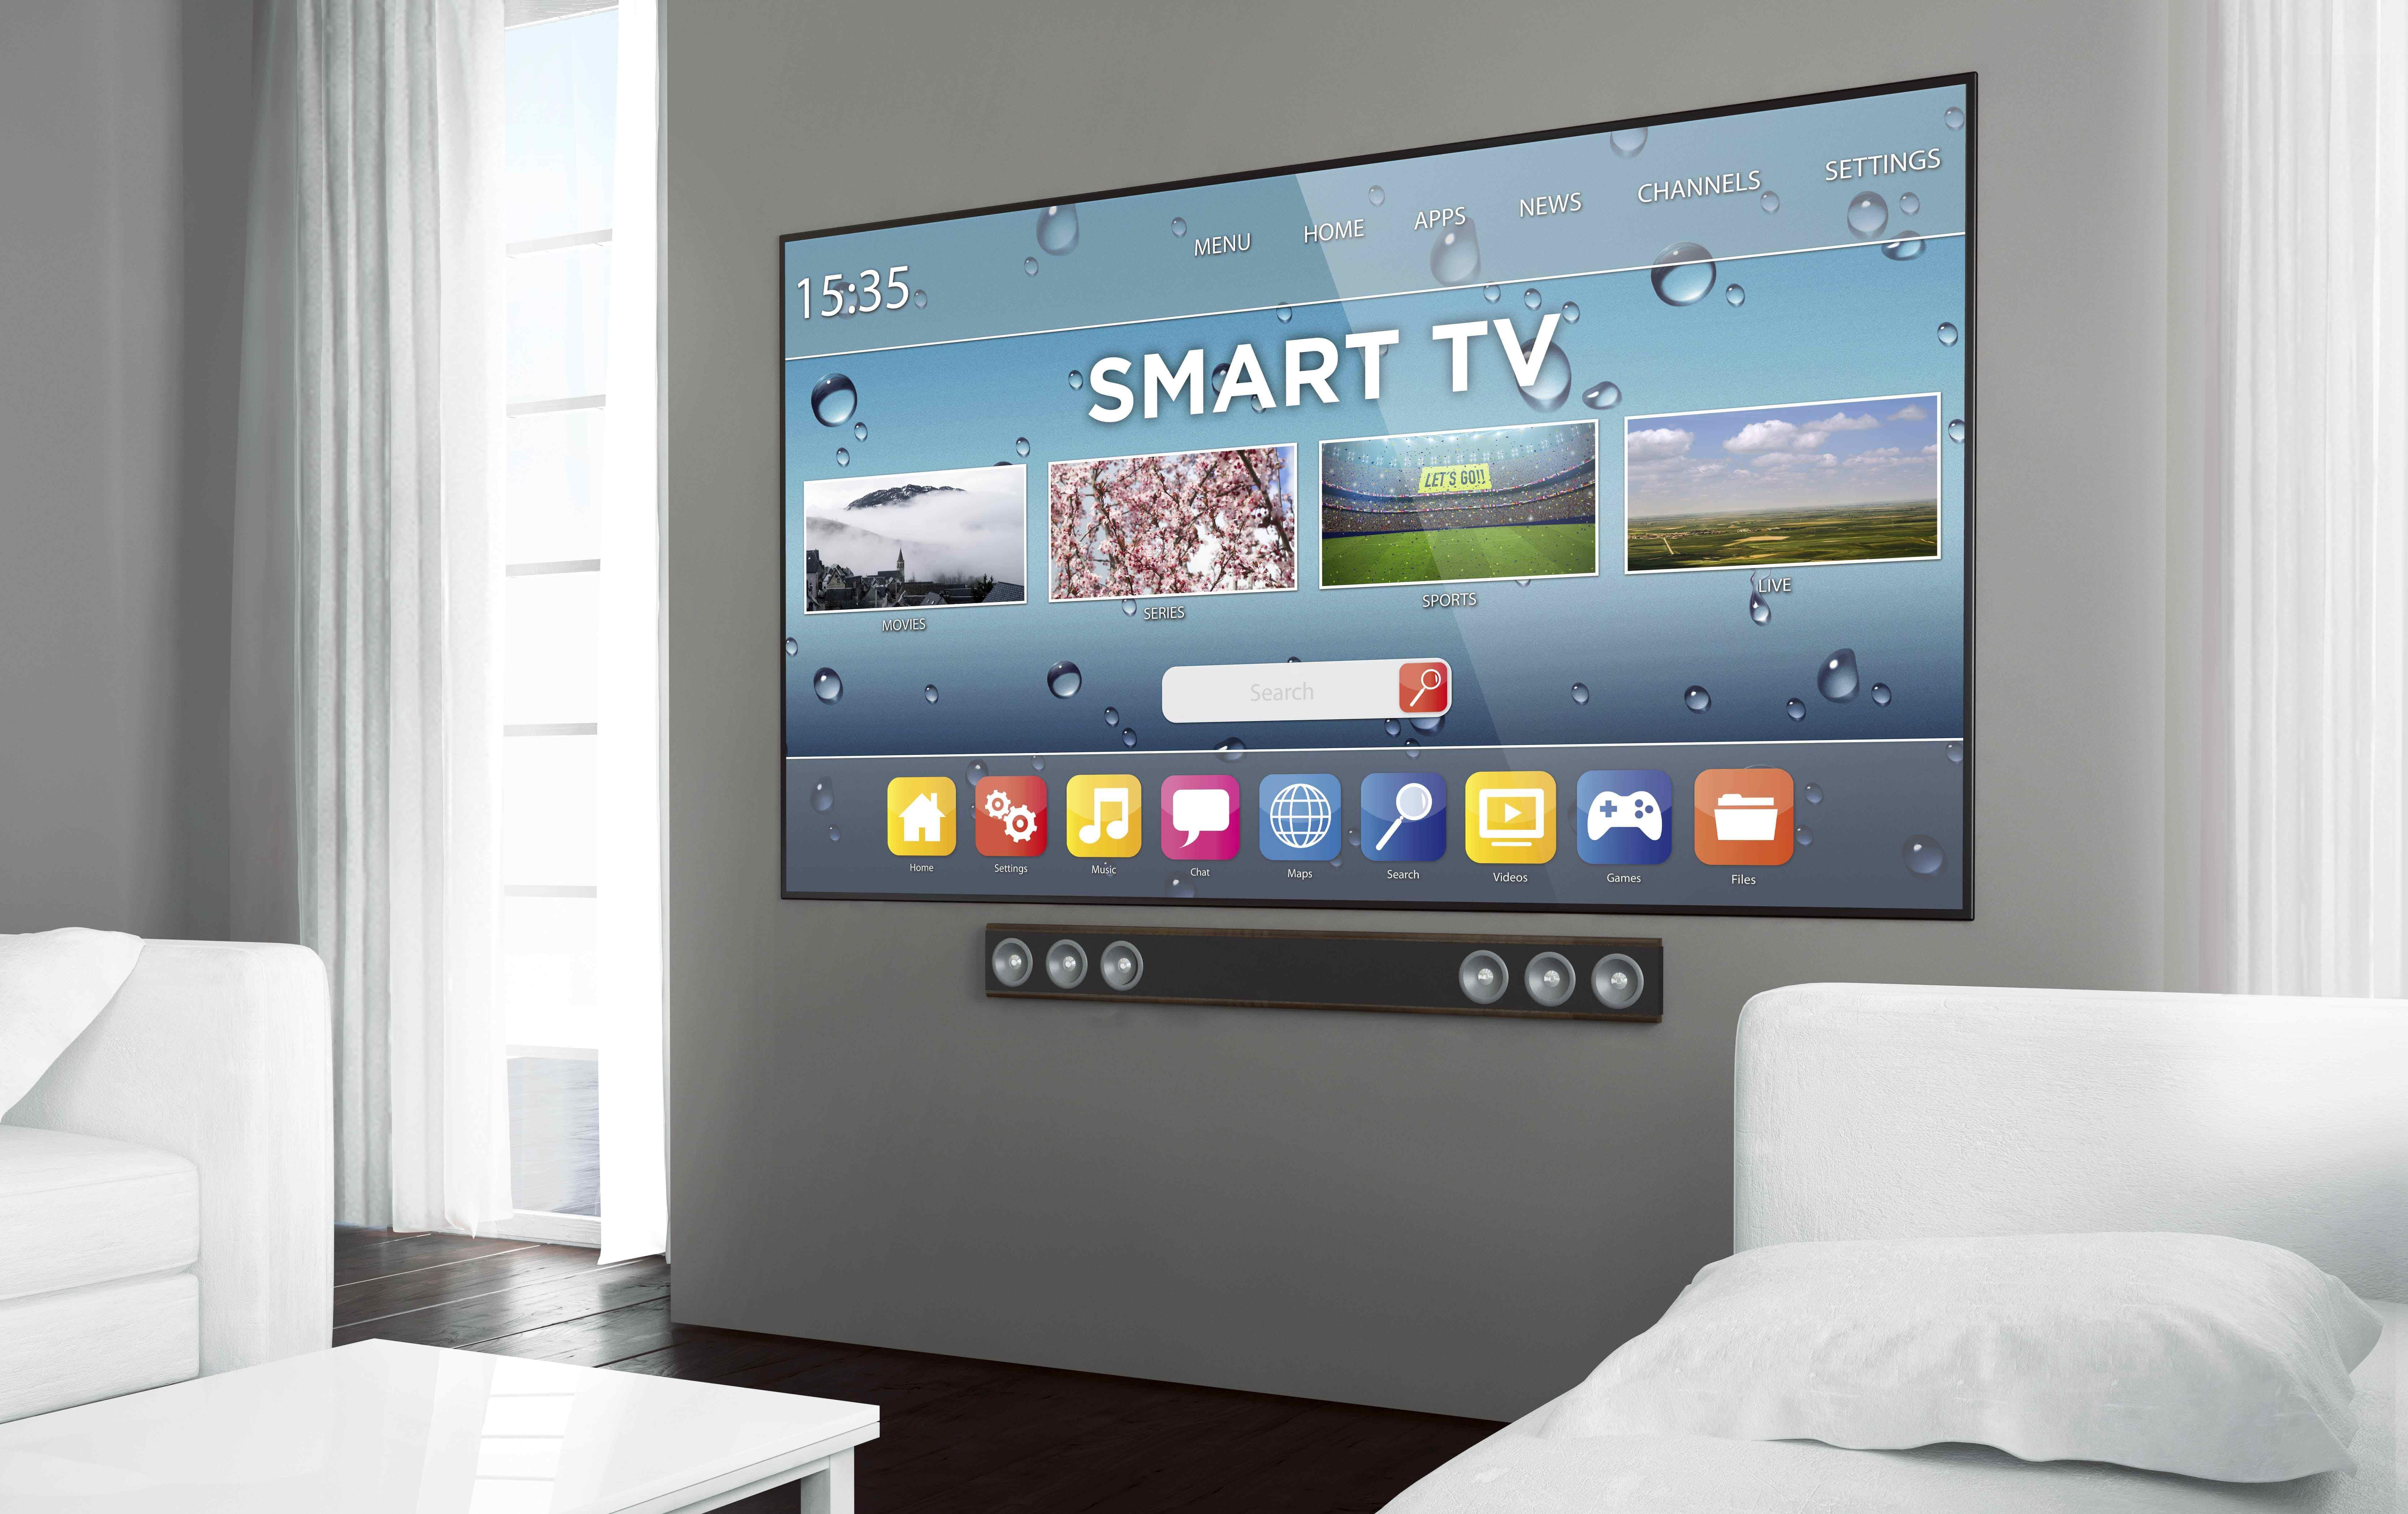 Telewizor SMART TV. Jaki wybrać i kupić? Najlepsze telewizory Smart TV w rankingu 2020!